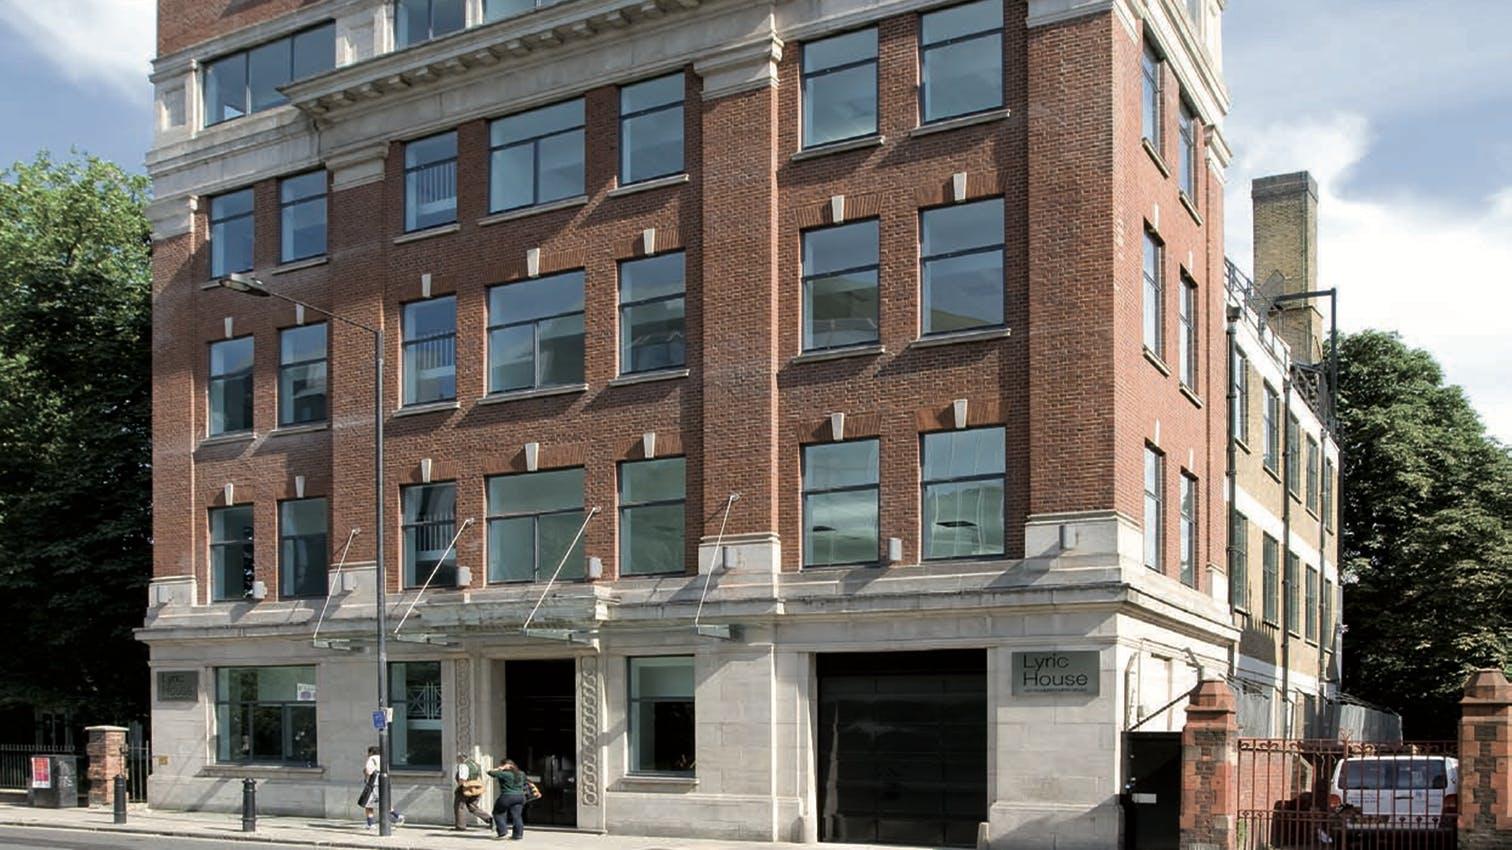 Lyric House, Hammersmith, W14 0QL - Frost Meadowcroft